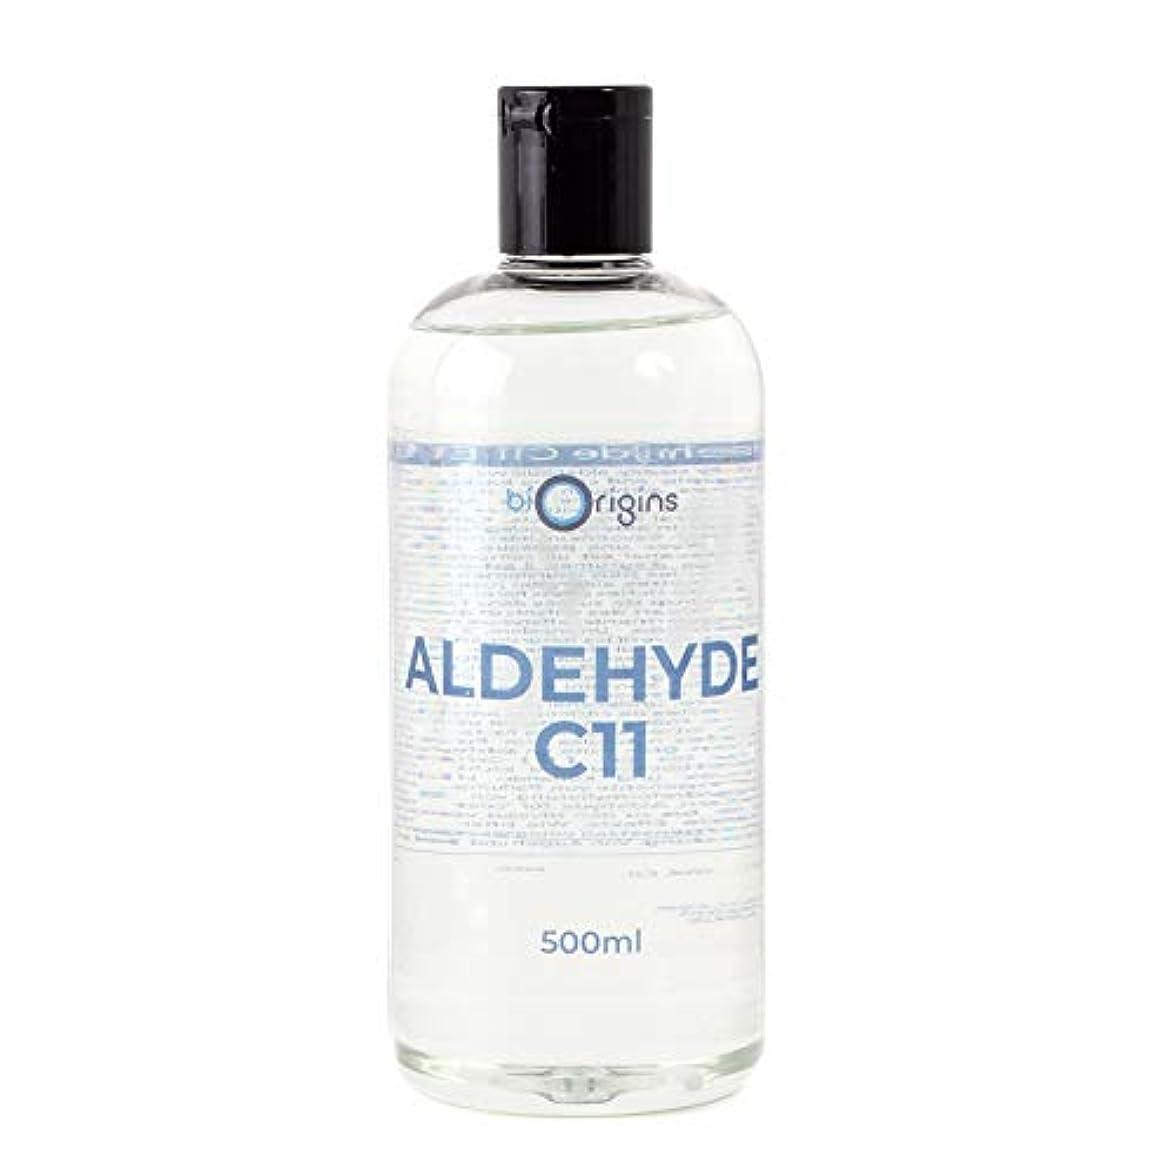 彼らのものパレードハムMystic Moments | Aldehyde C11 ENIC (Undecenal) - 500ml